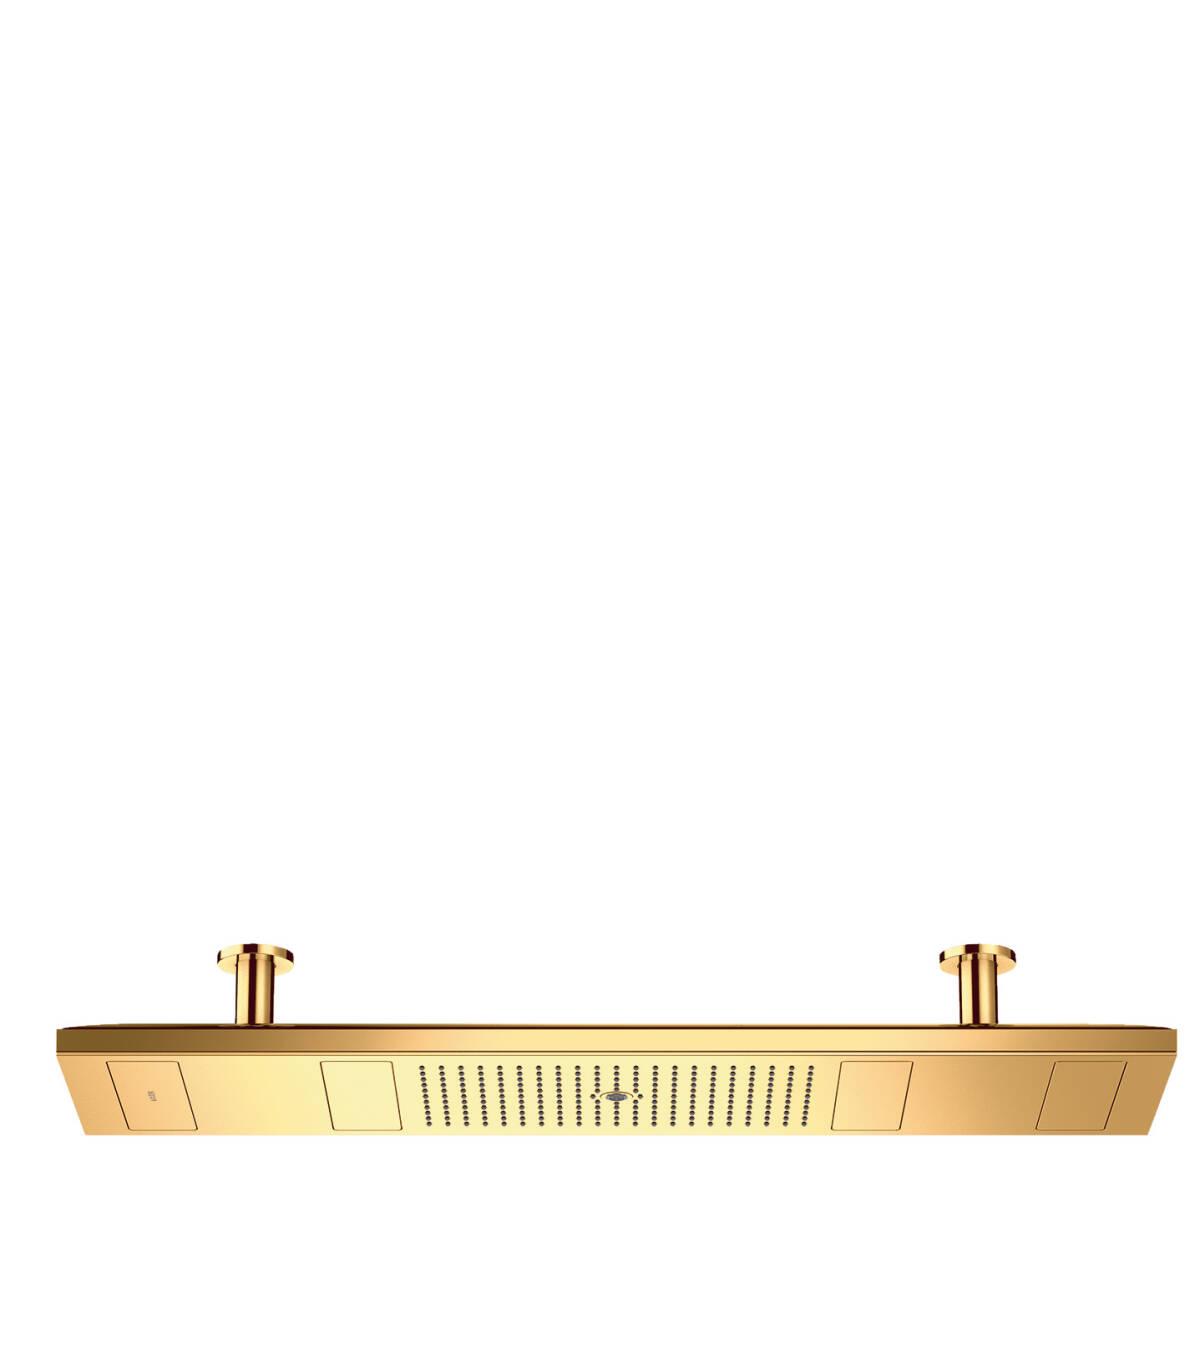 淋浴天堂 1200/300 4速淋浴天堂 带灯 3500K, 奢华金, 10629990